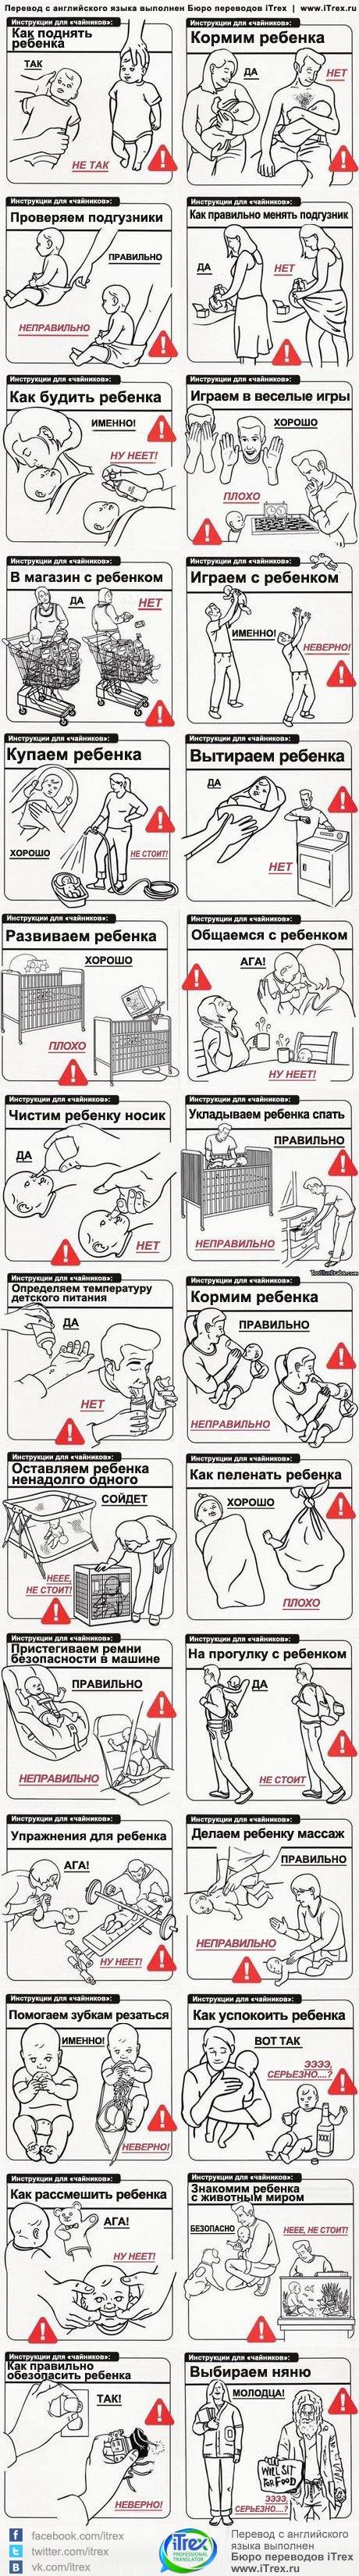 Инструкция по пользованию ребенком